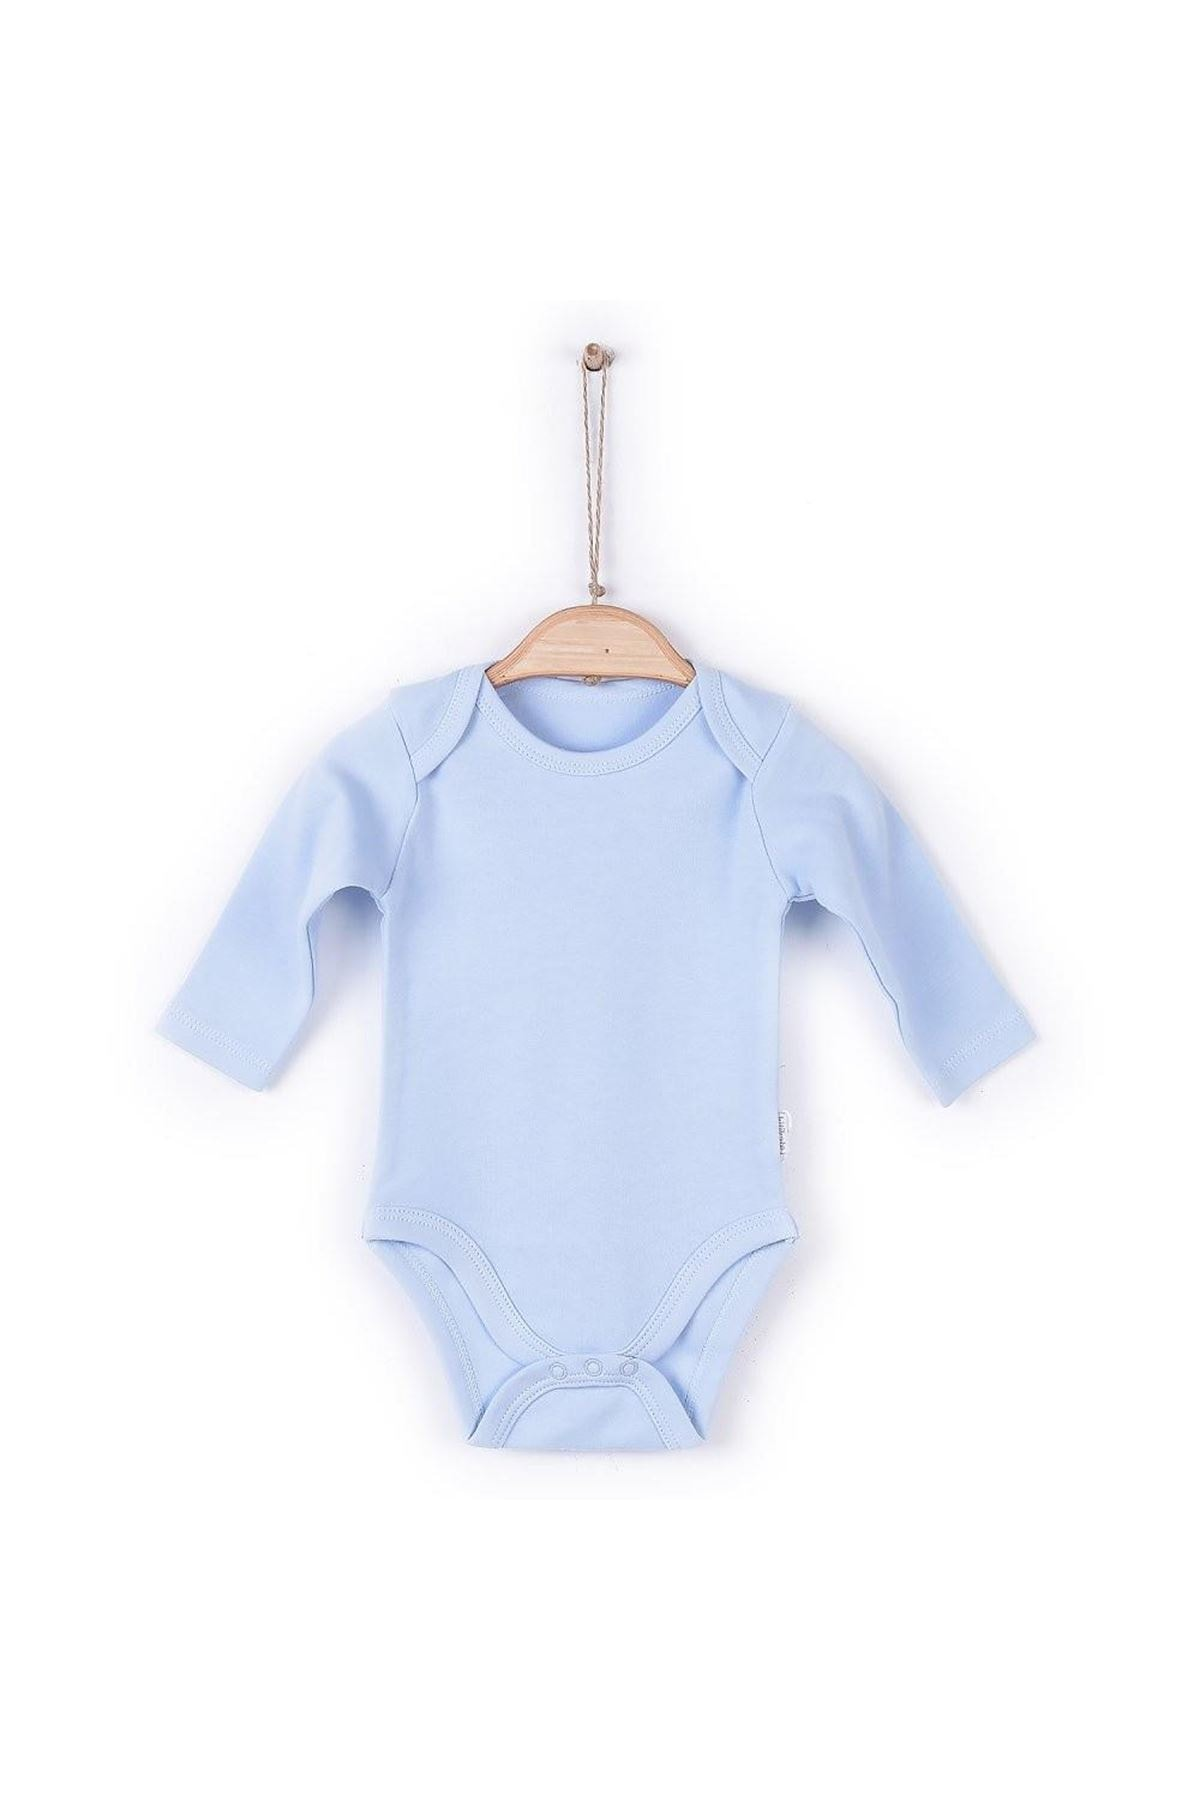 kitikate Unisex Bebek Mavi Organik Uzun Kol Amerikan Yaka Body 57195 1